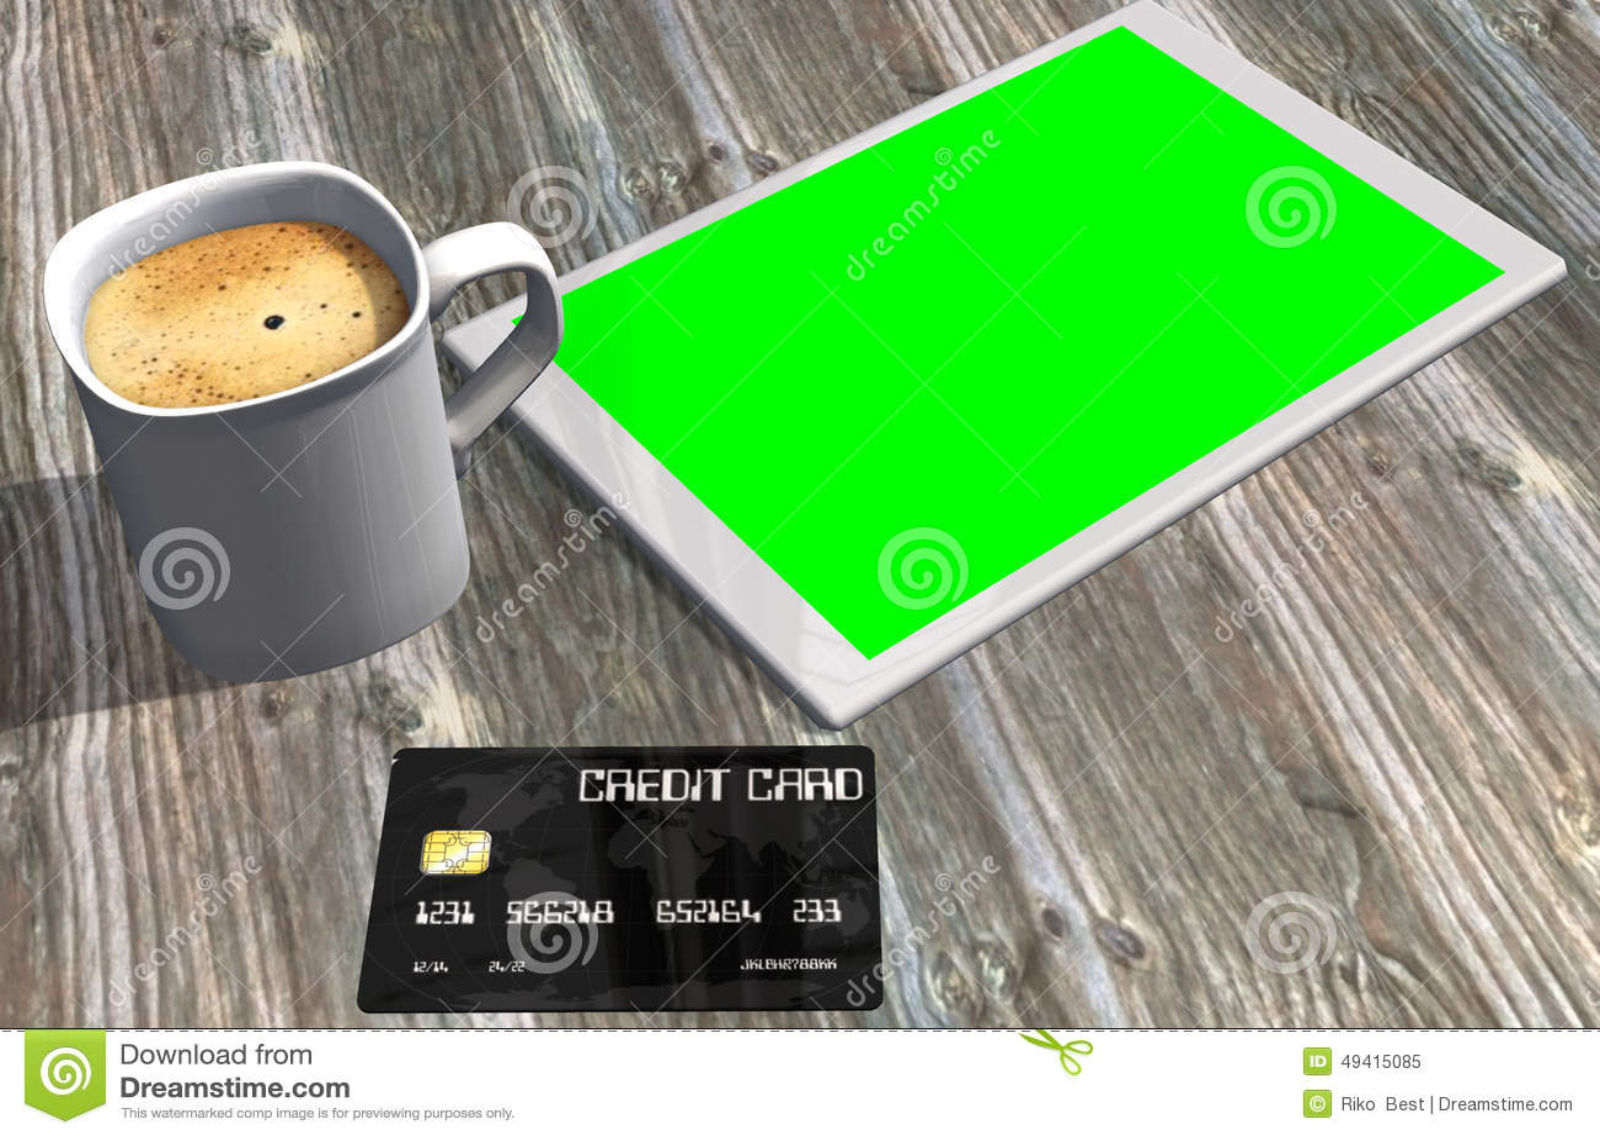 Download Grüne Schirmtablet-pc-Kreditkarte Und -Tasse Kaffee Stock Abbildung - Illustration von beweglich, informationen: 49415085